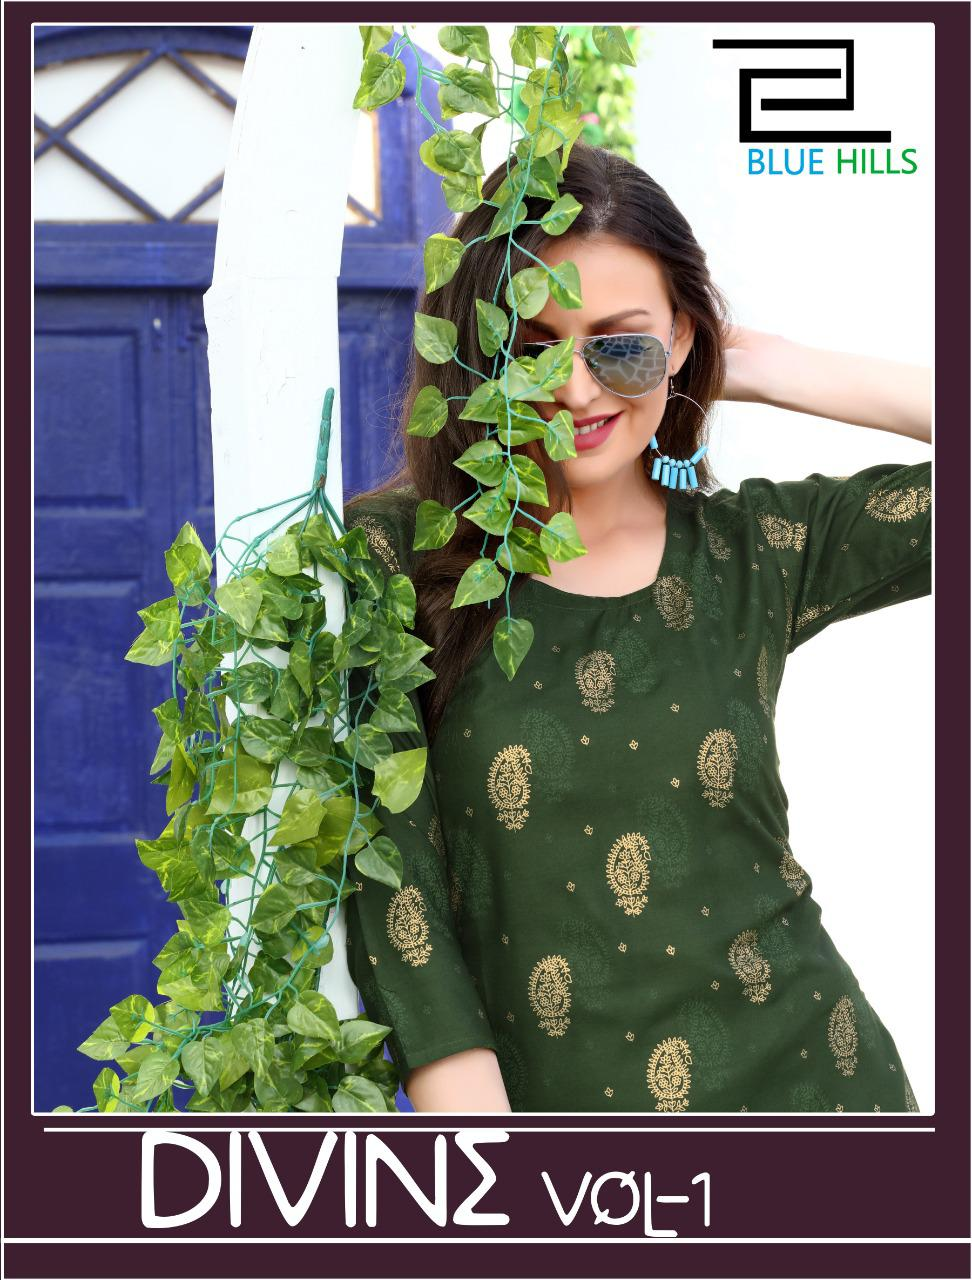 Blue Hills Divine Vol 1 Kurti Wholesale Catalog 12 Pcs 4 - Blue Hills Divine Vol 1 Kurti Wholesale Catalog 12 Pcs